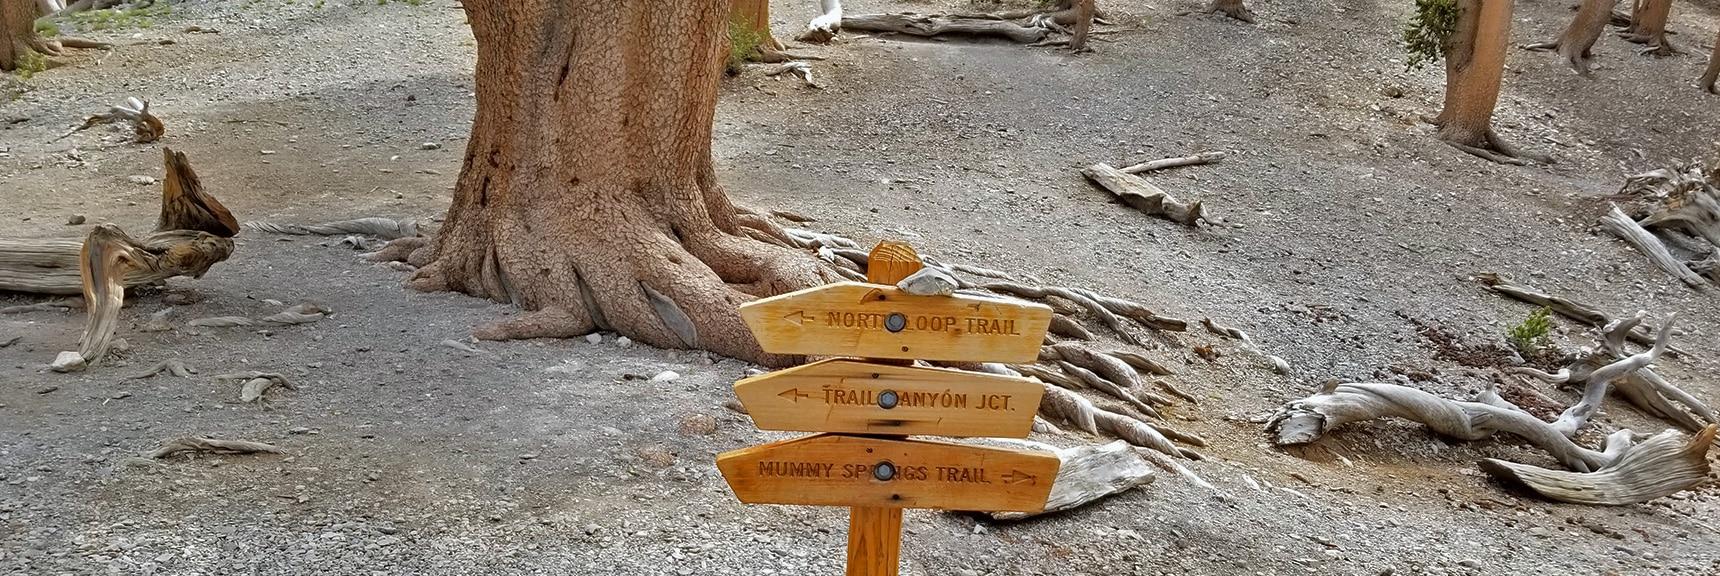 Trail Sign at Raintree | Mummy Mountain NE Cliffs Descent | Mt Charleston Wilderness | Spring Mountains, Nevada